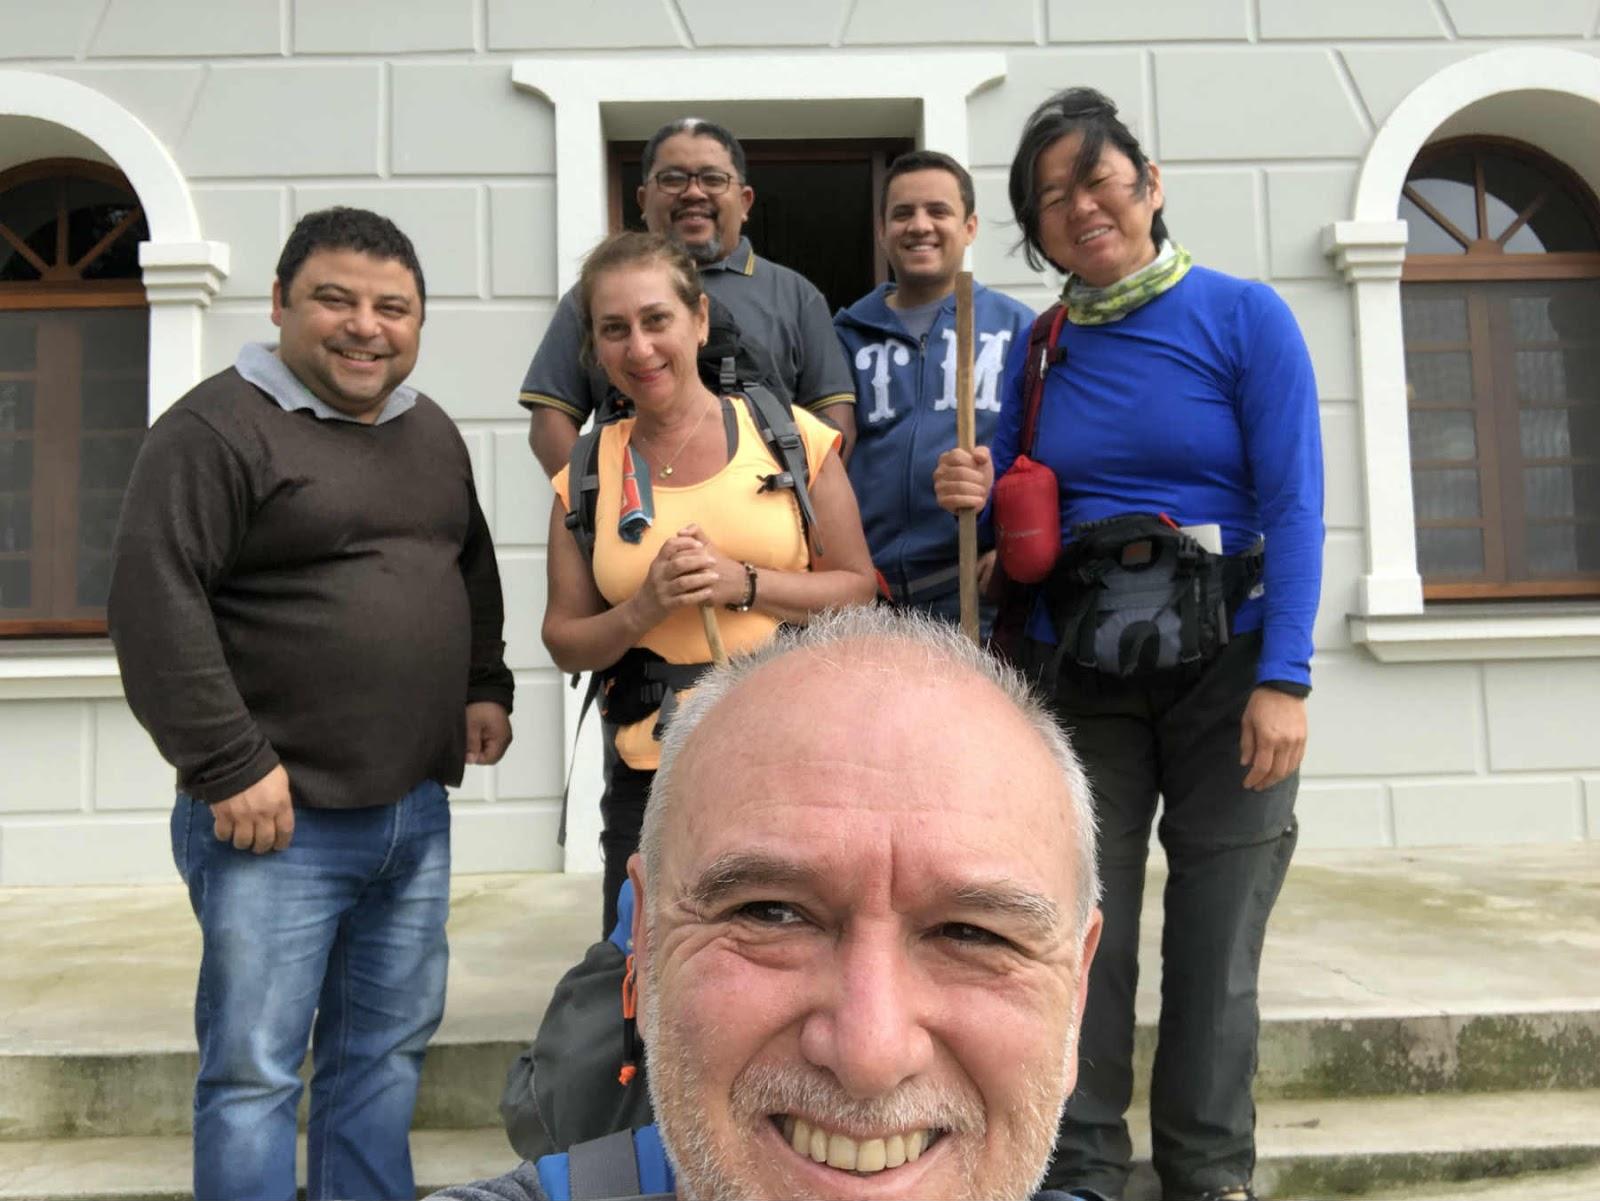 Os padres: Adriano, Evanilson , noviço Valdinar e nós Caminhos de Caravaggio